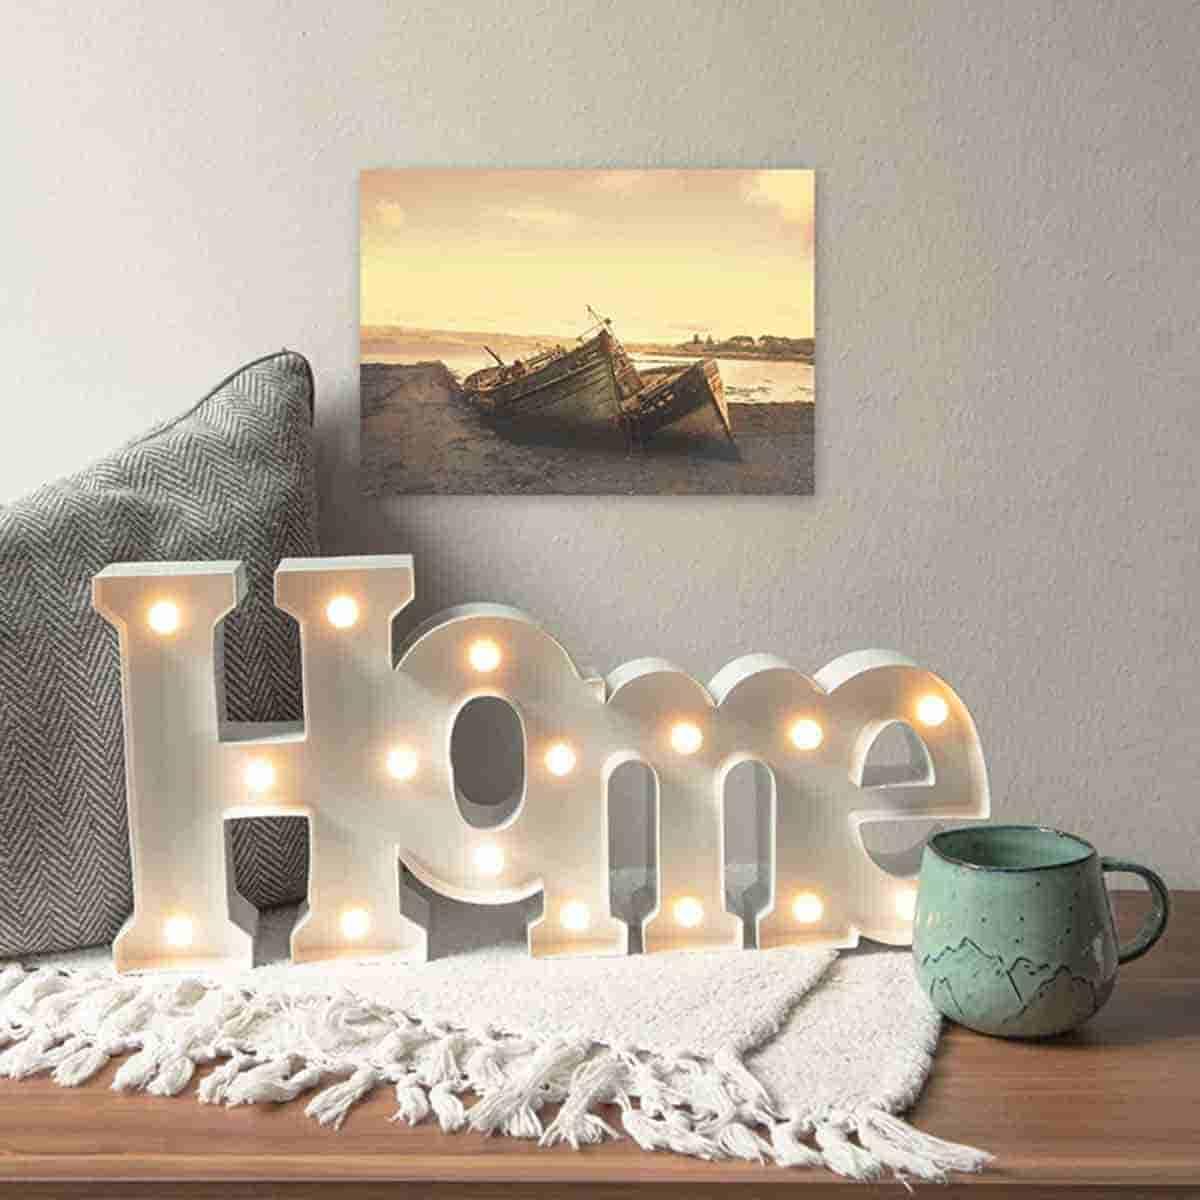 letras decorativas para casa